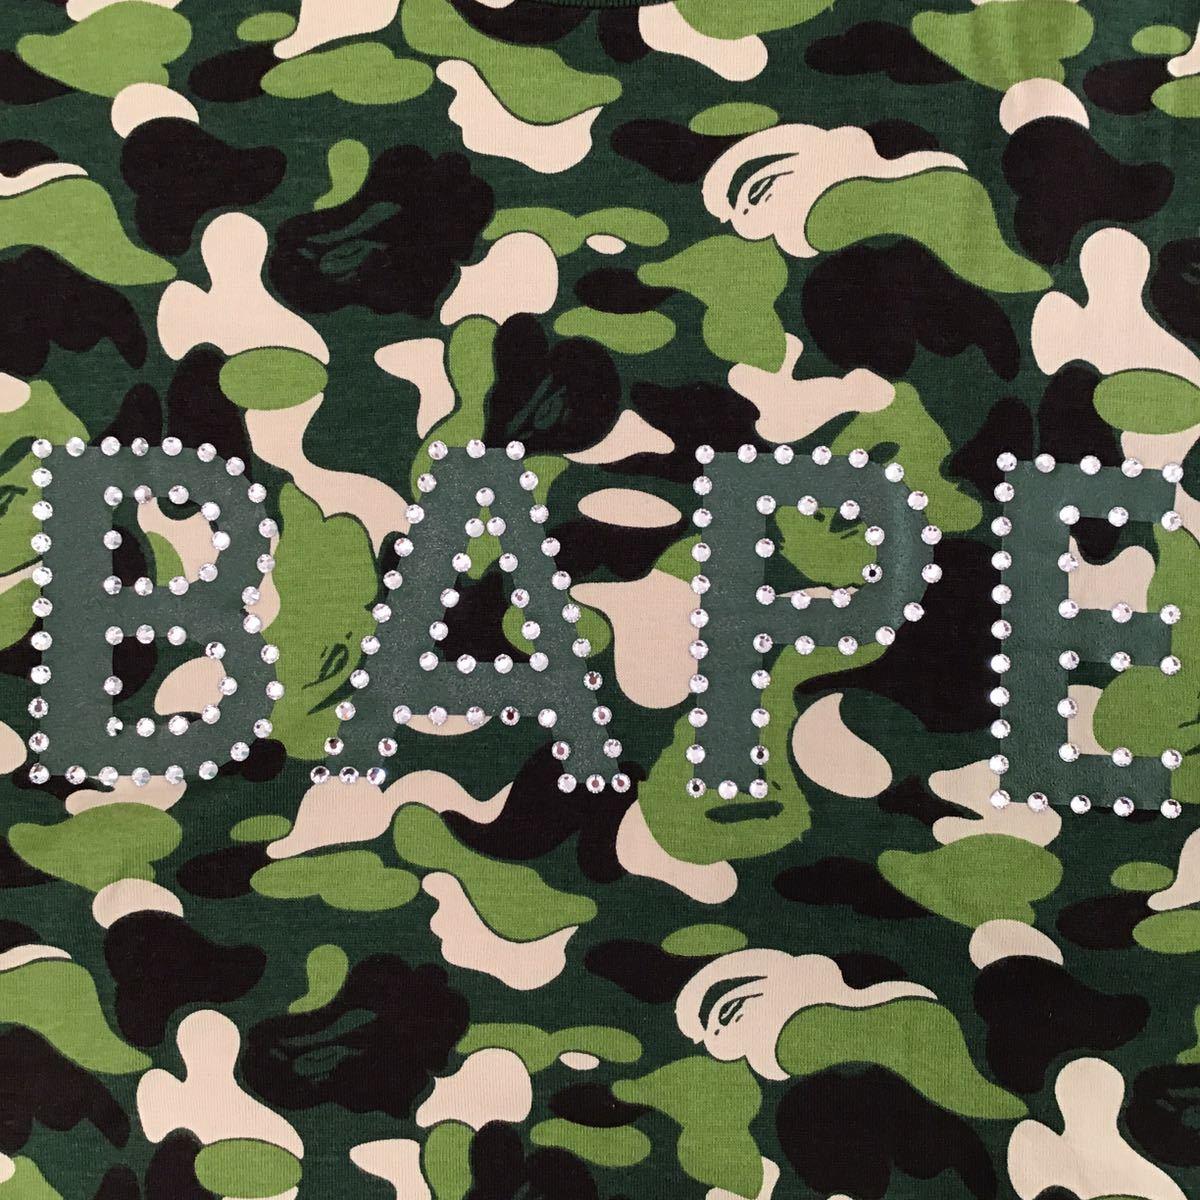 スワロフスキー BAPE logo ABC camo 長袖 Tシャツ Mサイズ a bathing ape swarovski ラインストーン エイプ ベイプ アベイシングエイプ 214